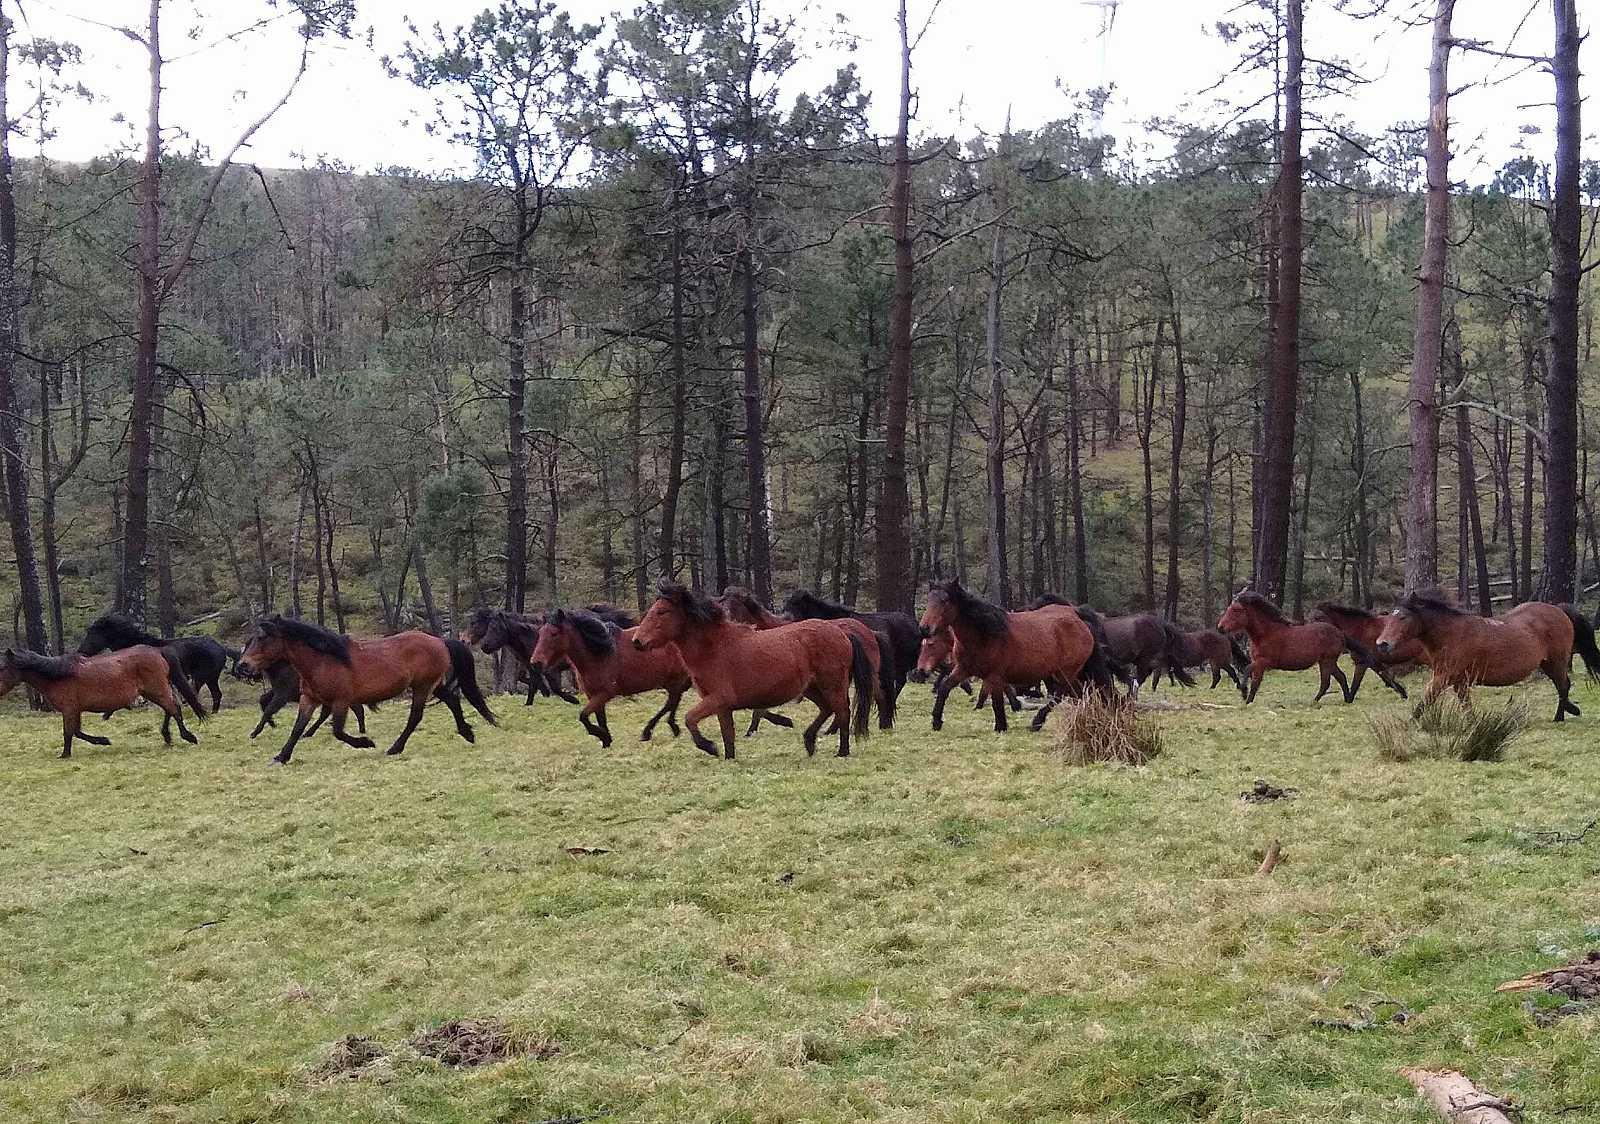 Cabalos de pura raza gallega desbrozando los montes